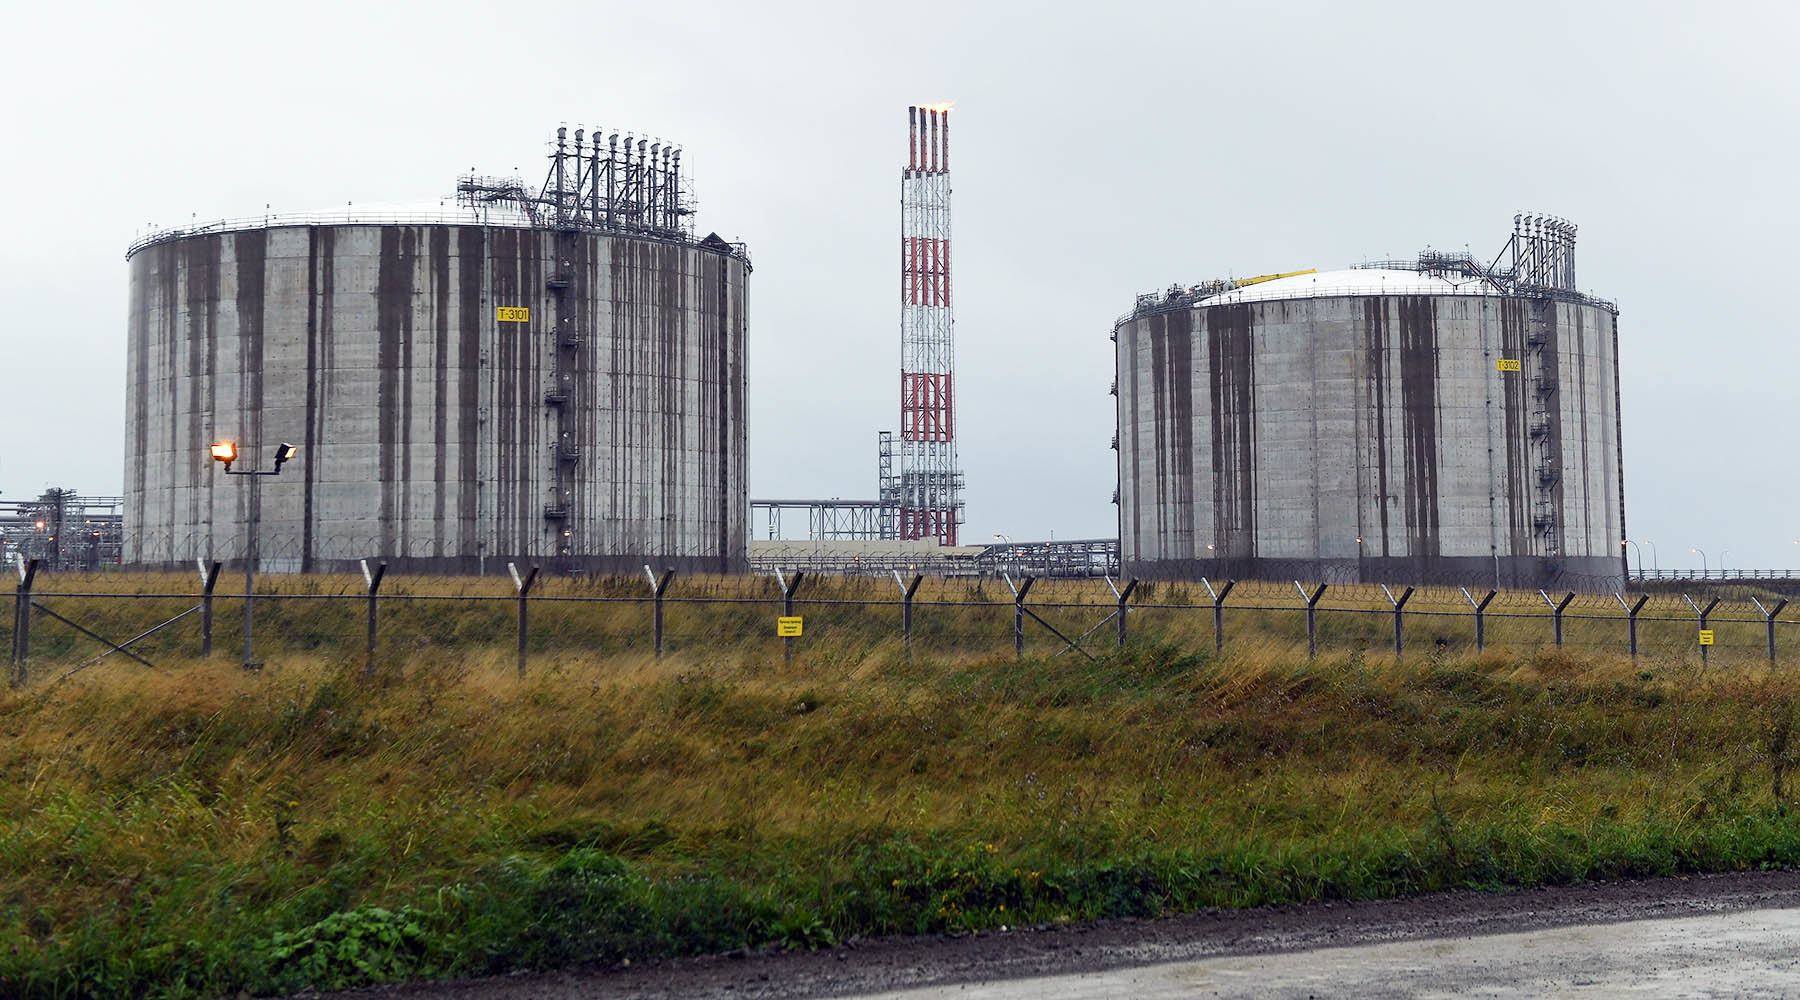 В поисках новой энергии:  в США хотят перестать использовать российское топливо на военных объектах